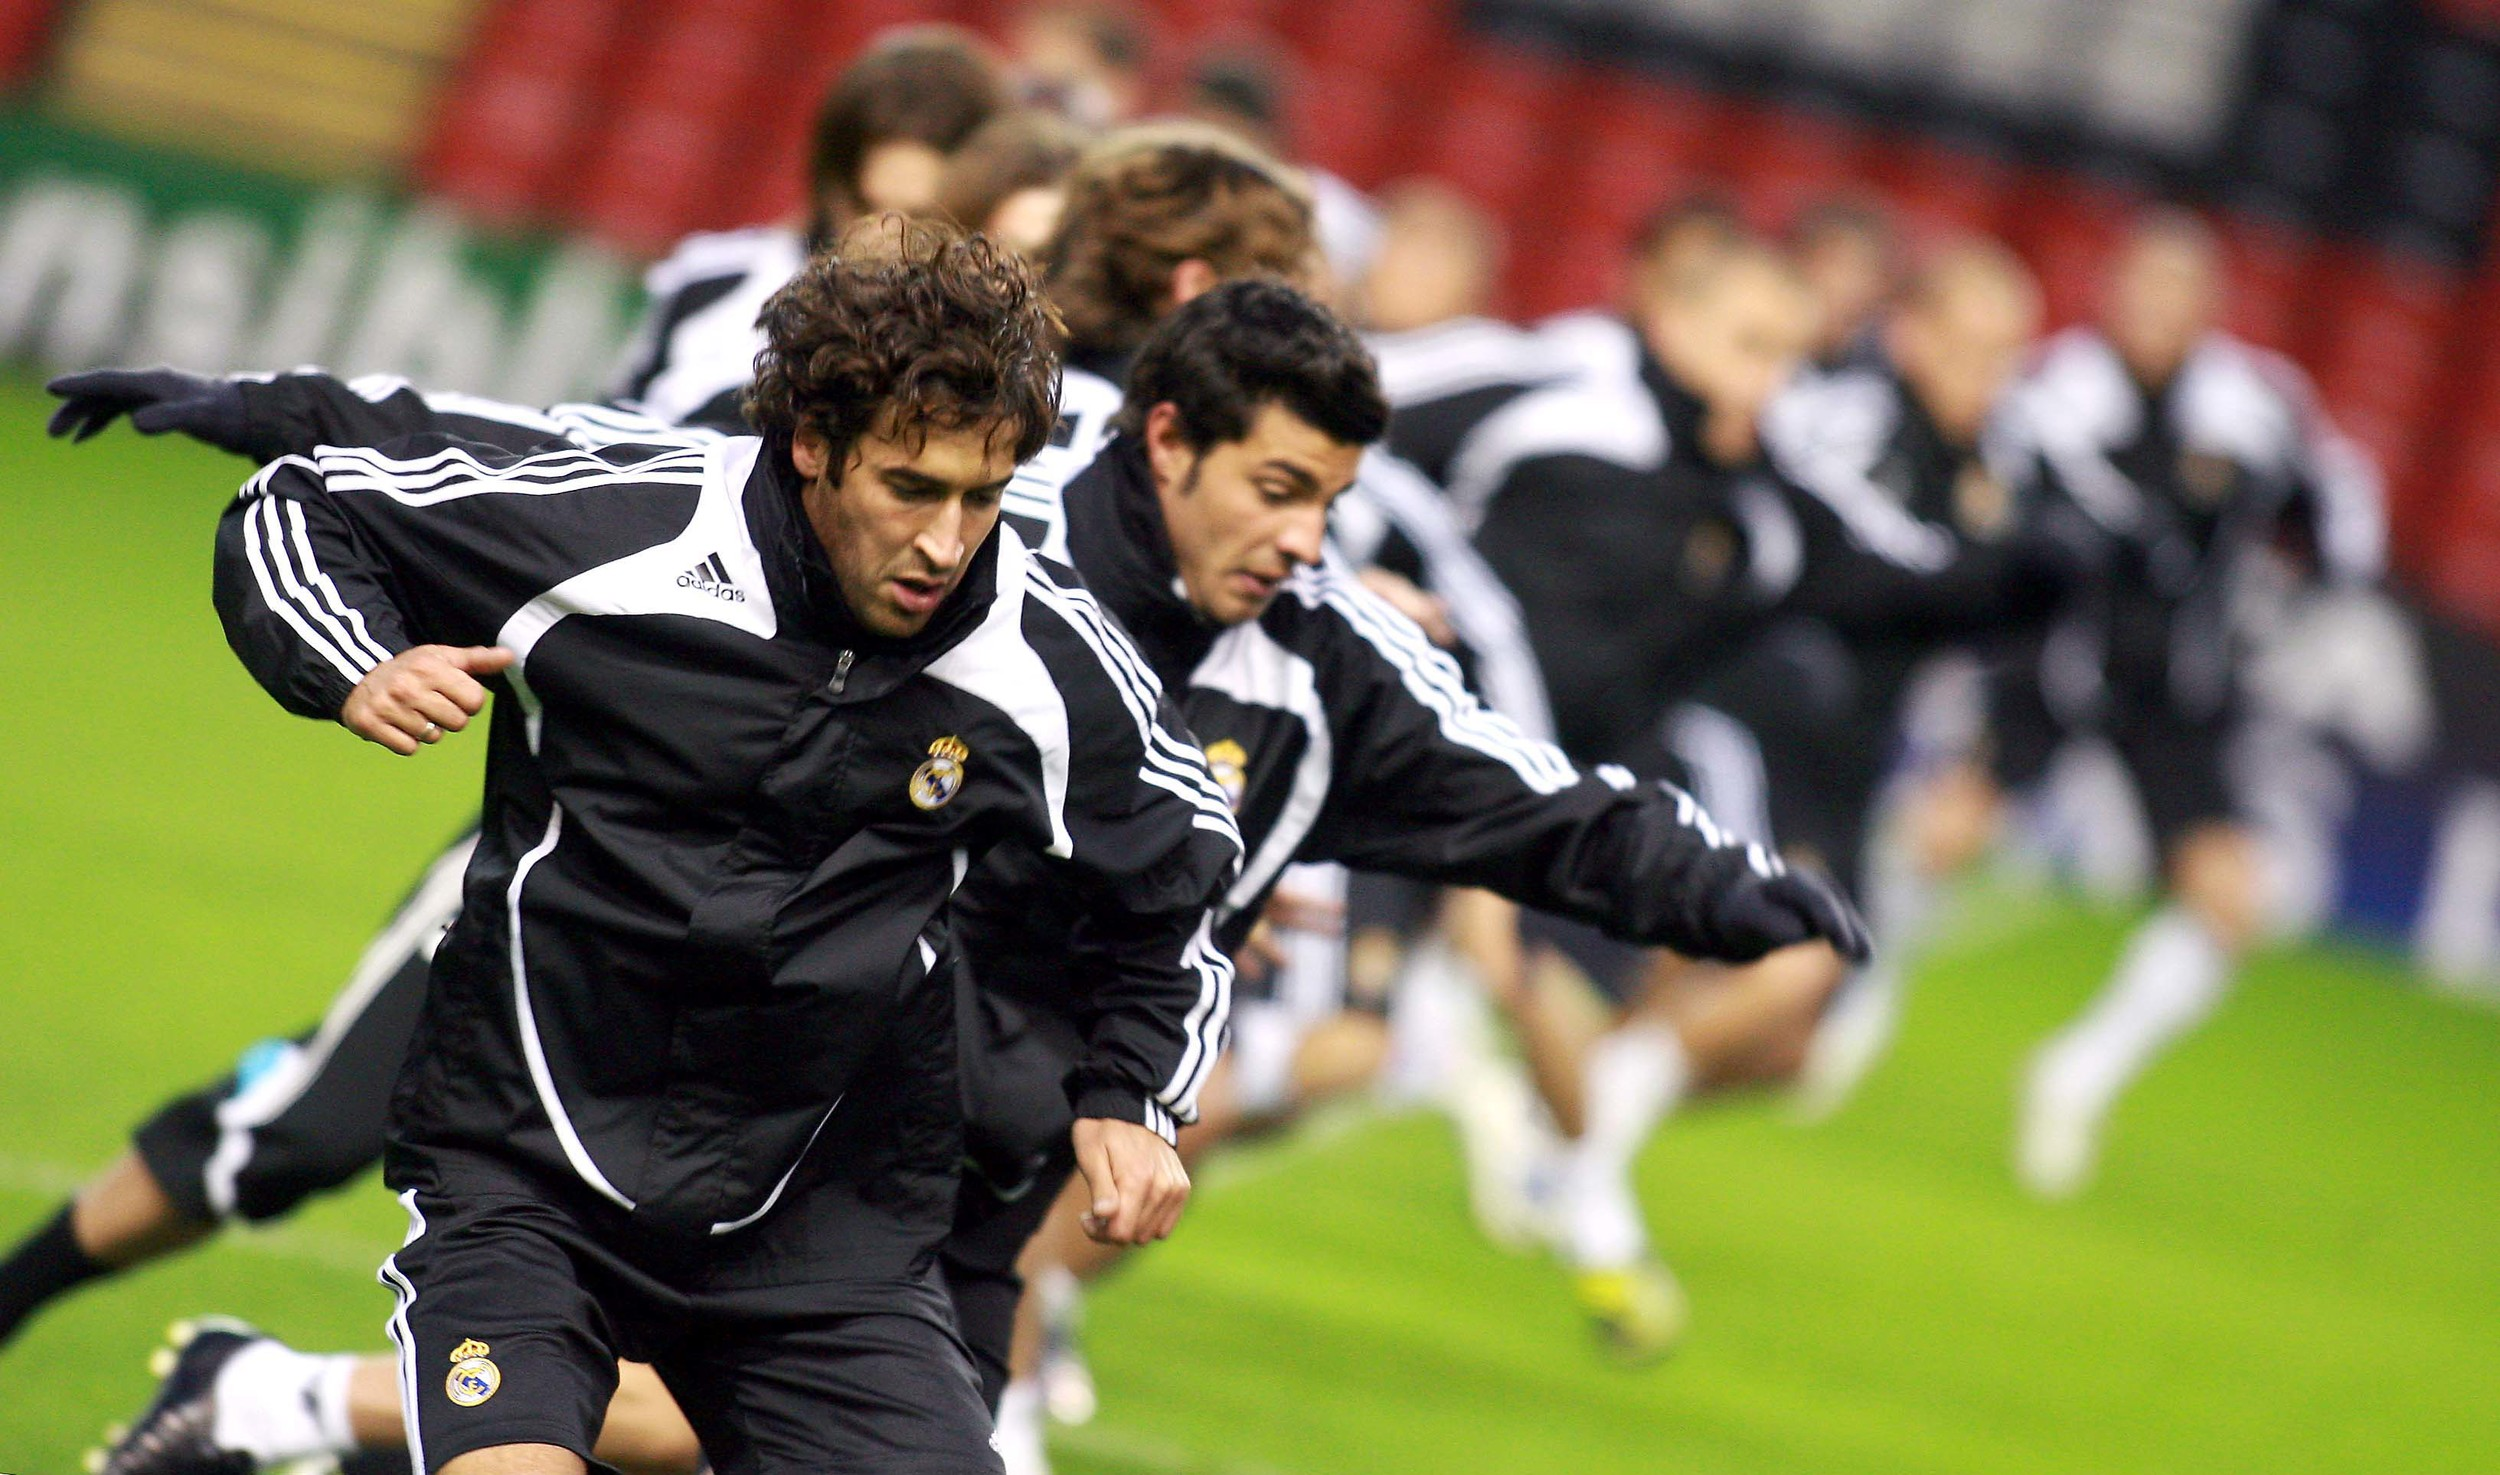 nti_Madrid_Training_08.JPG